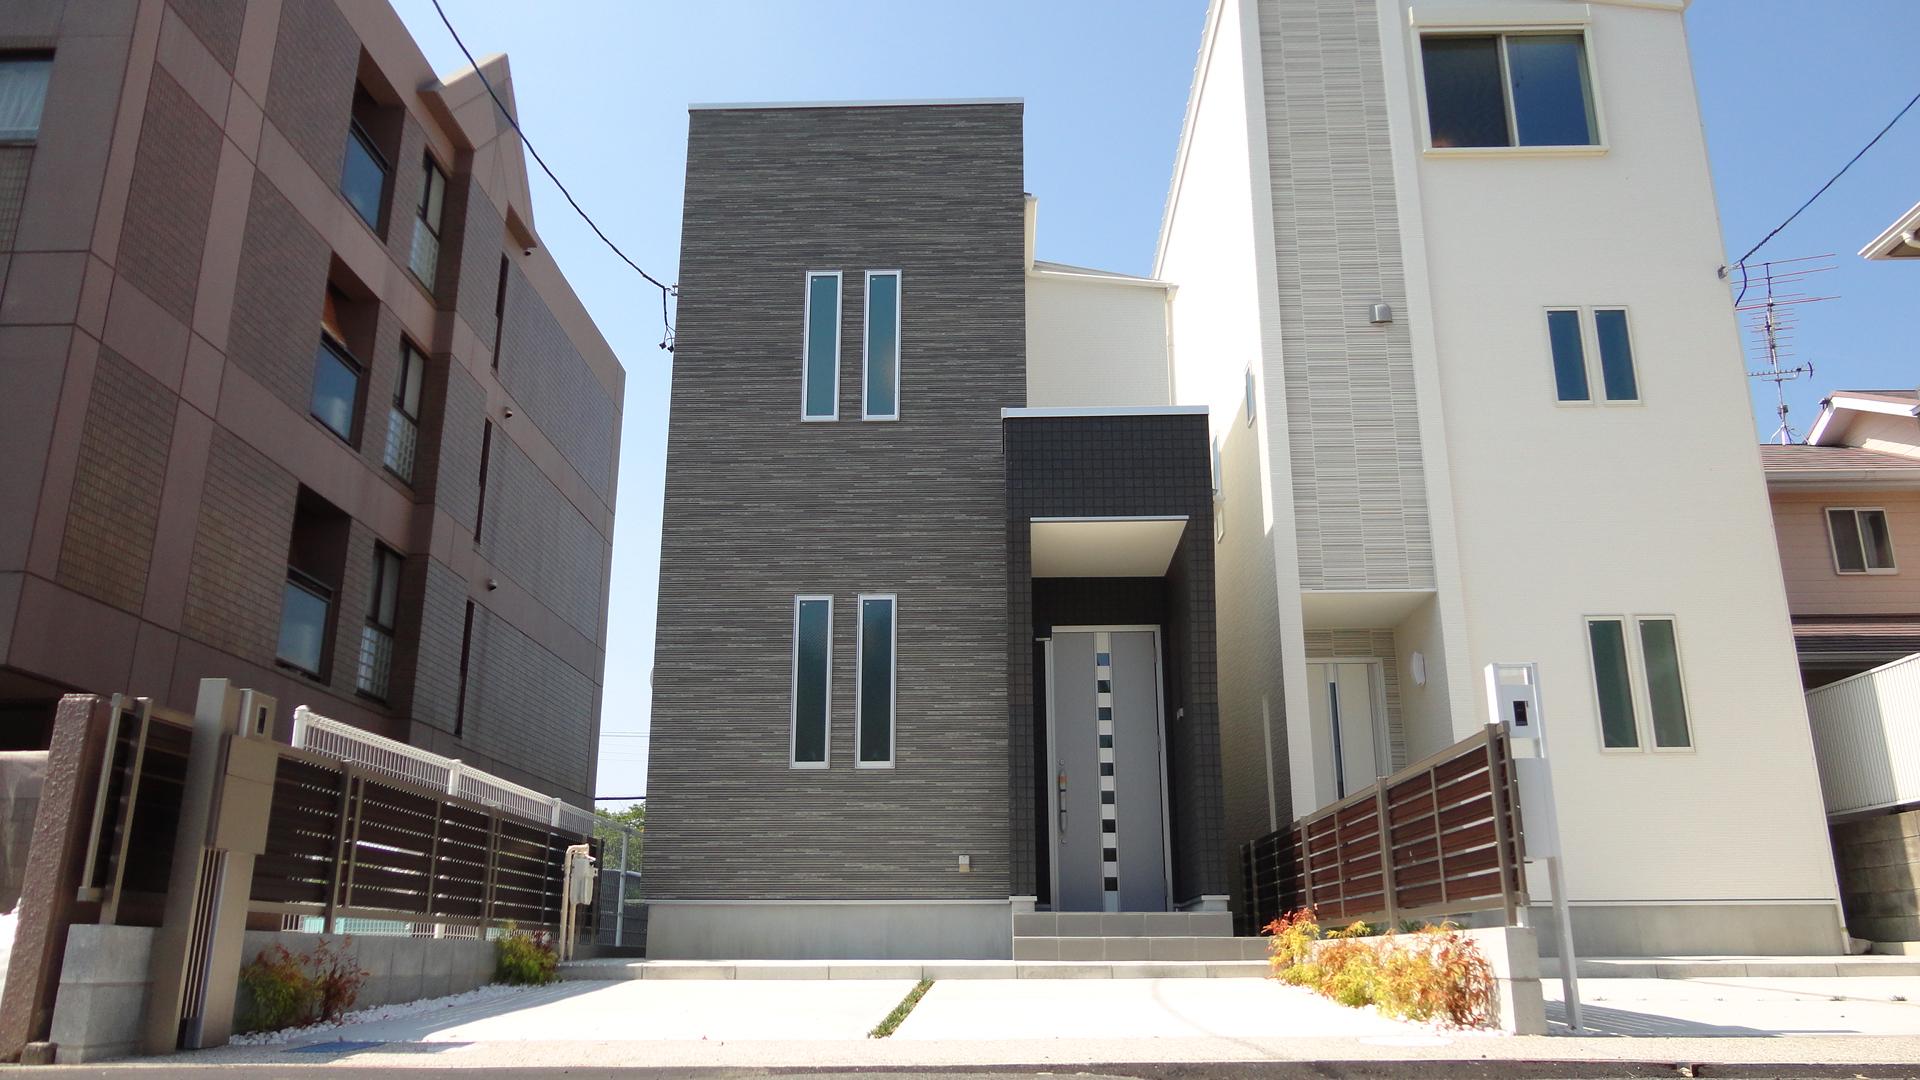 北入 4LDK 木造2階建て 31.00坪 間口5280mm